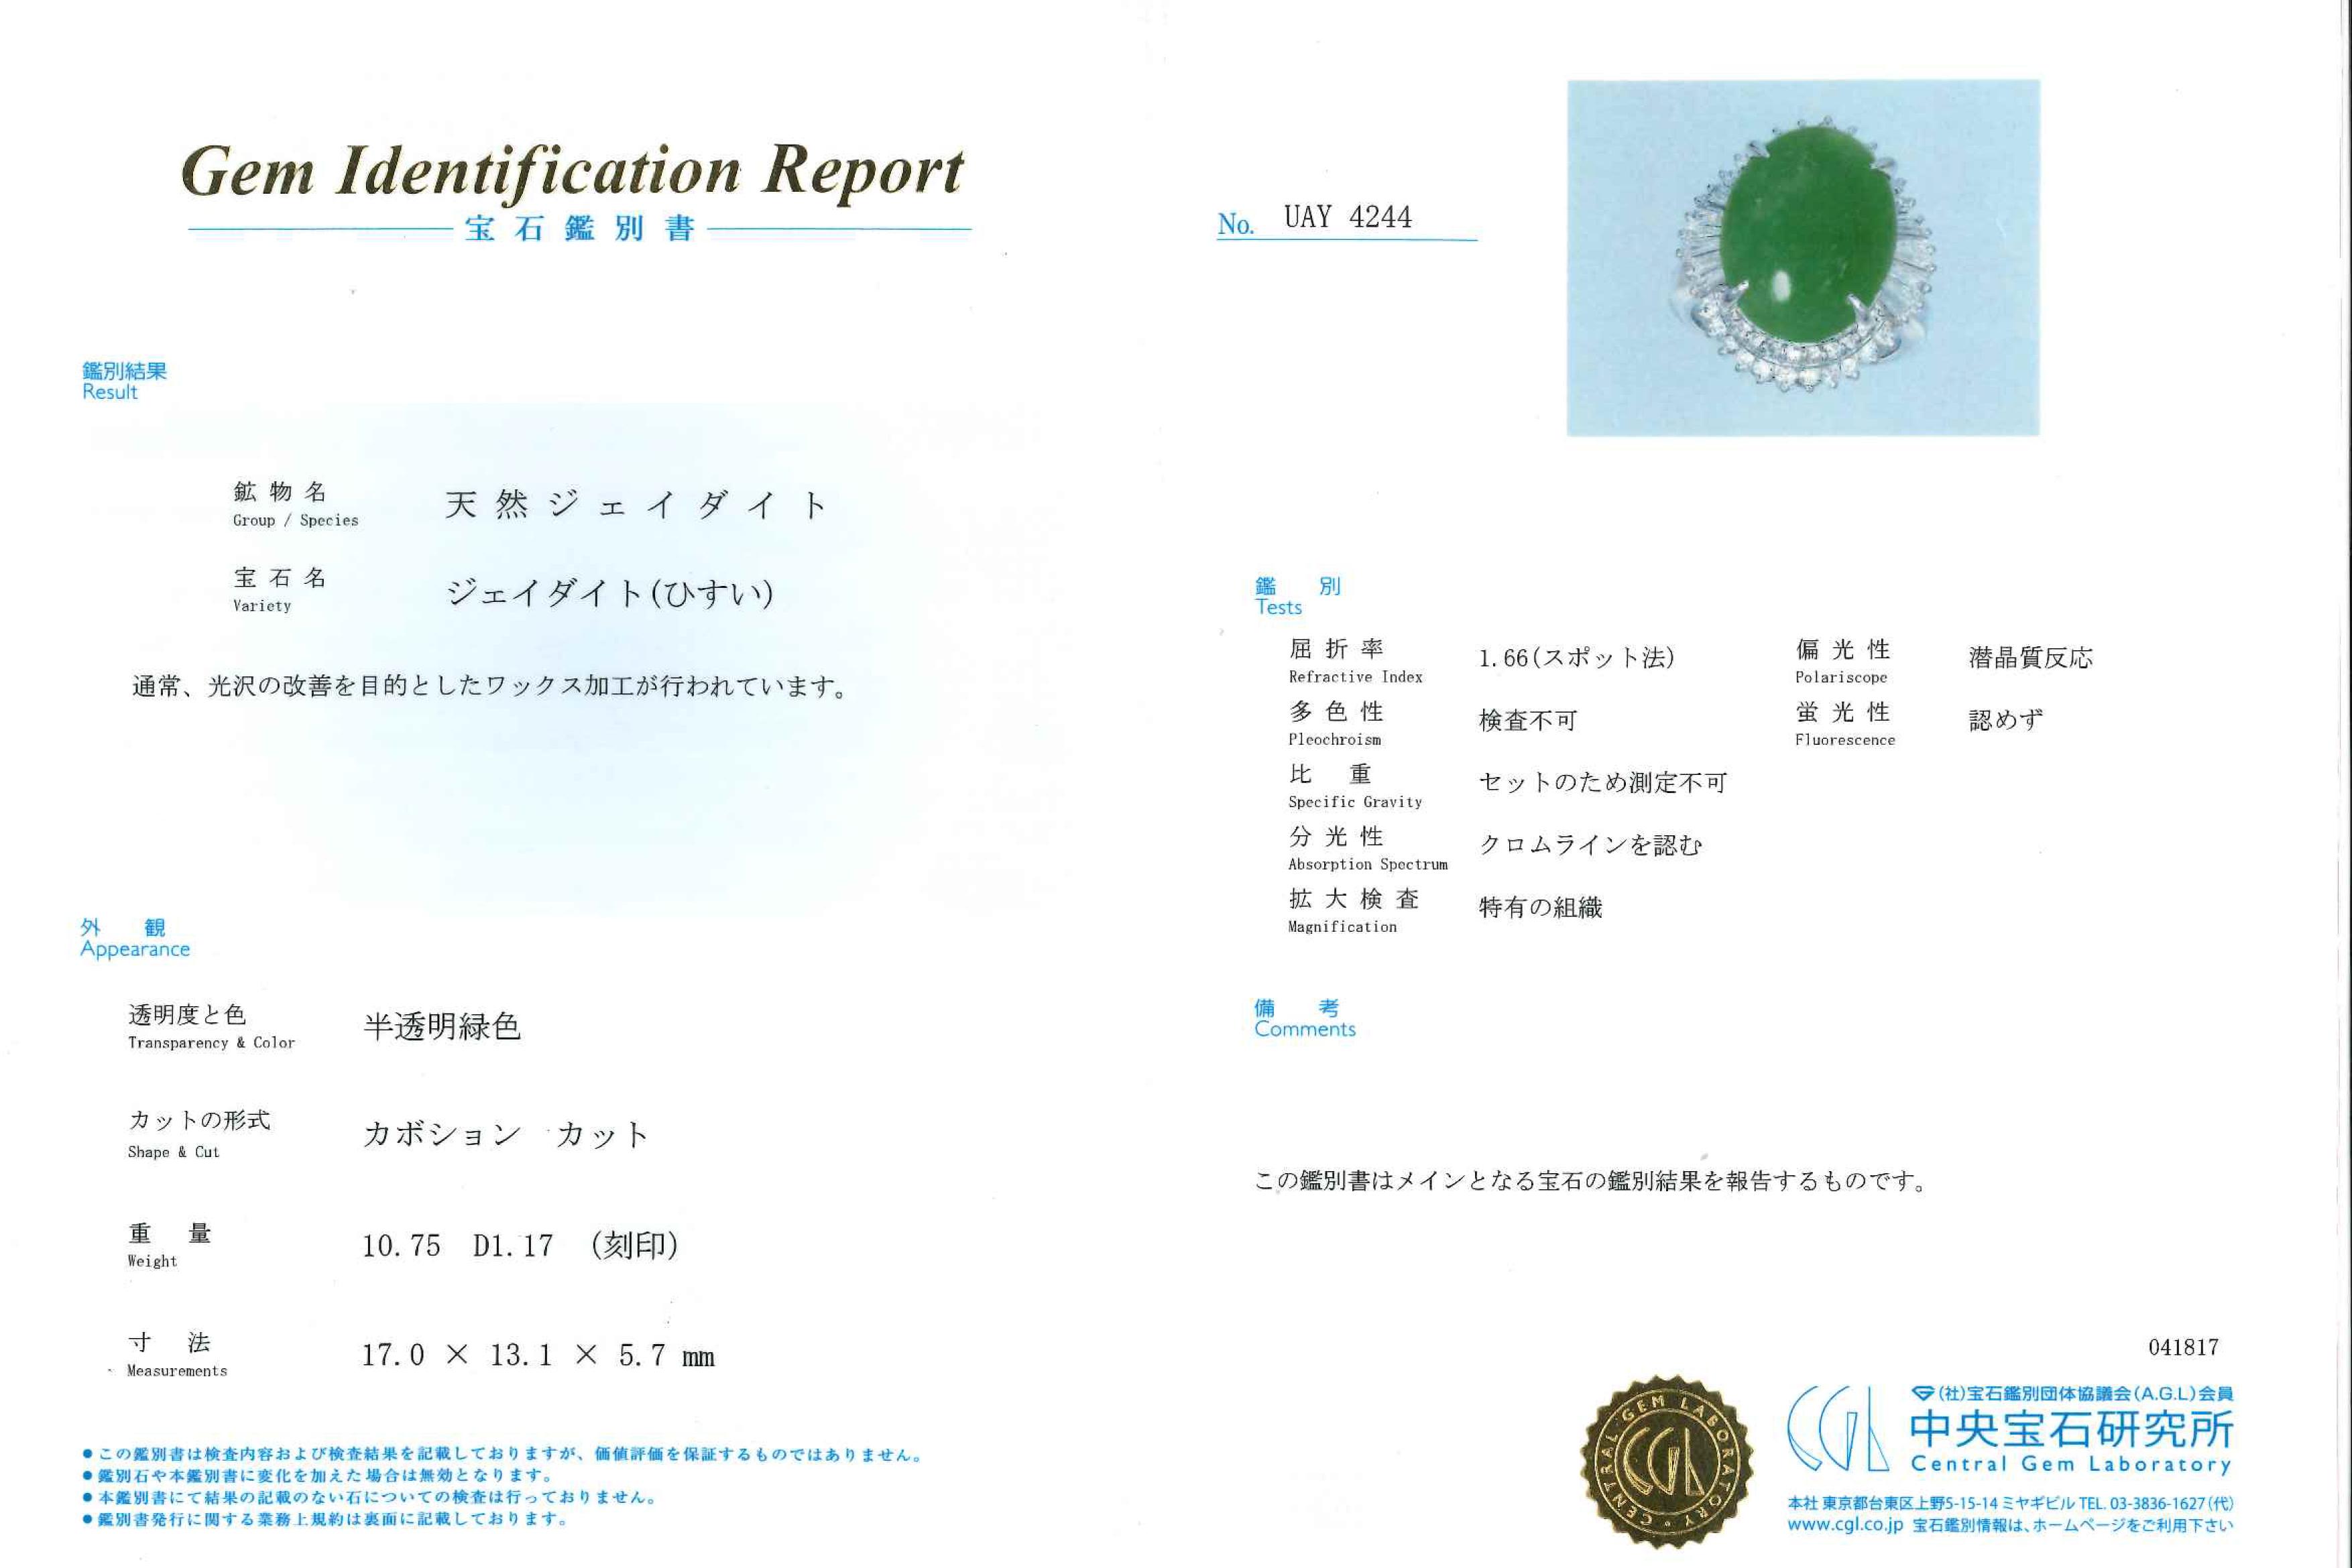 宝石買取 翡翠 リング pt900 10.75ct 愛知県のお客様